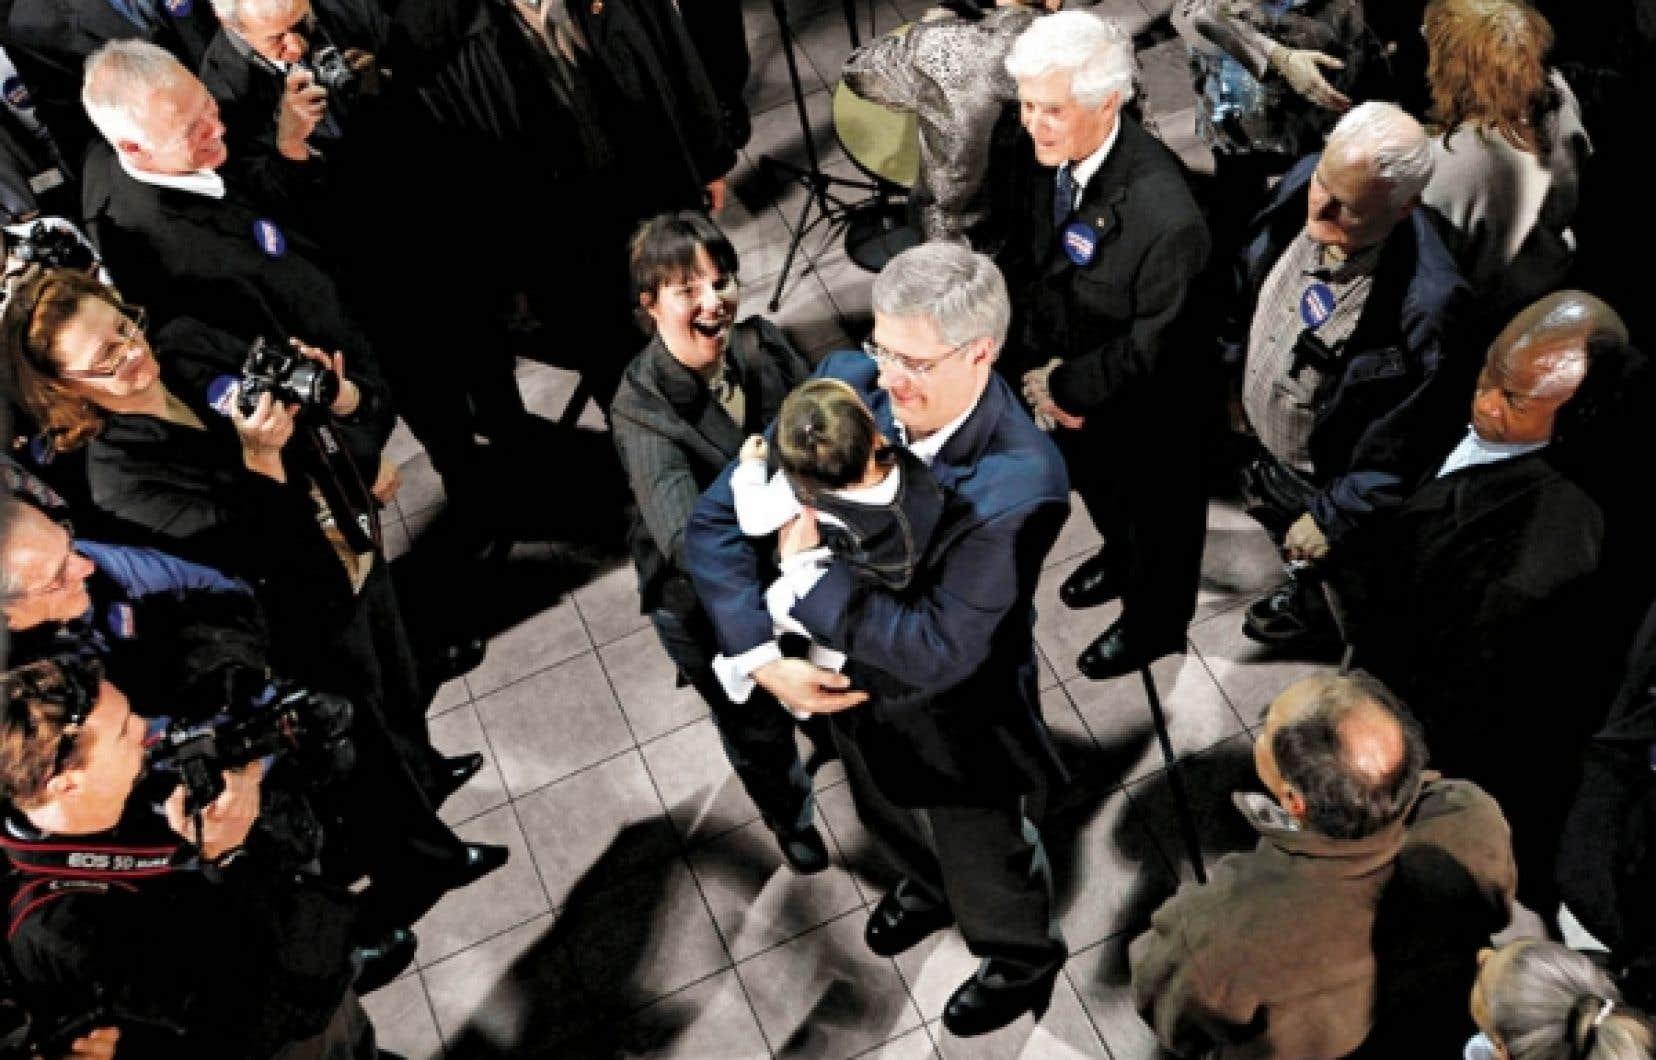 Qui rencontre Stephen Harper lors de ses événements de campagne, comme ici à Drummondville? Selon ce que Le Devoir a pu constater, exclusivement des militants conservateurs.